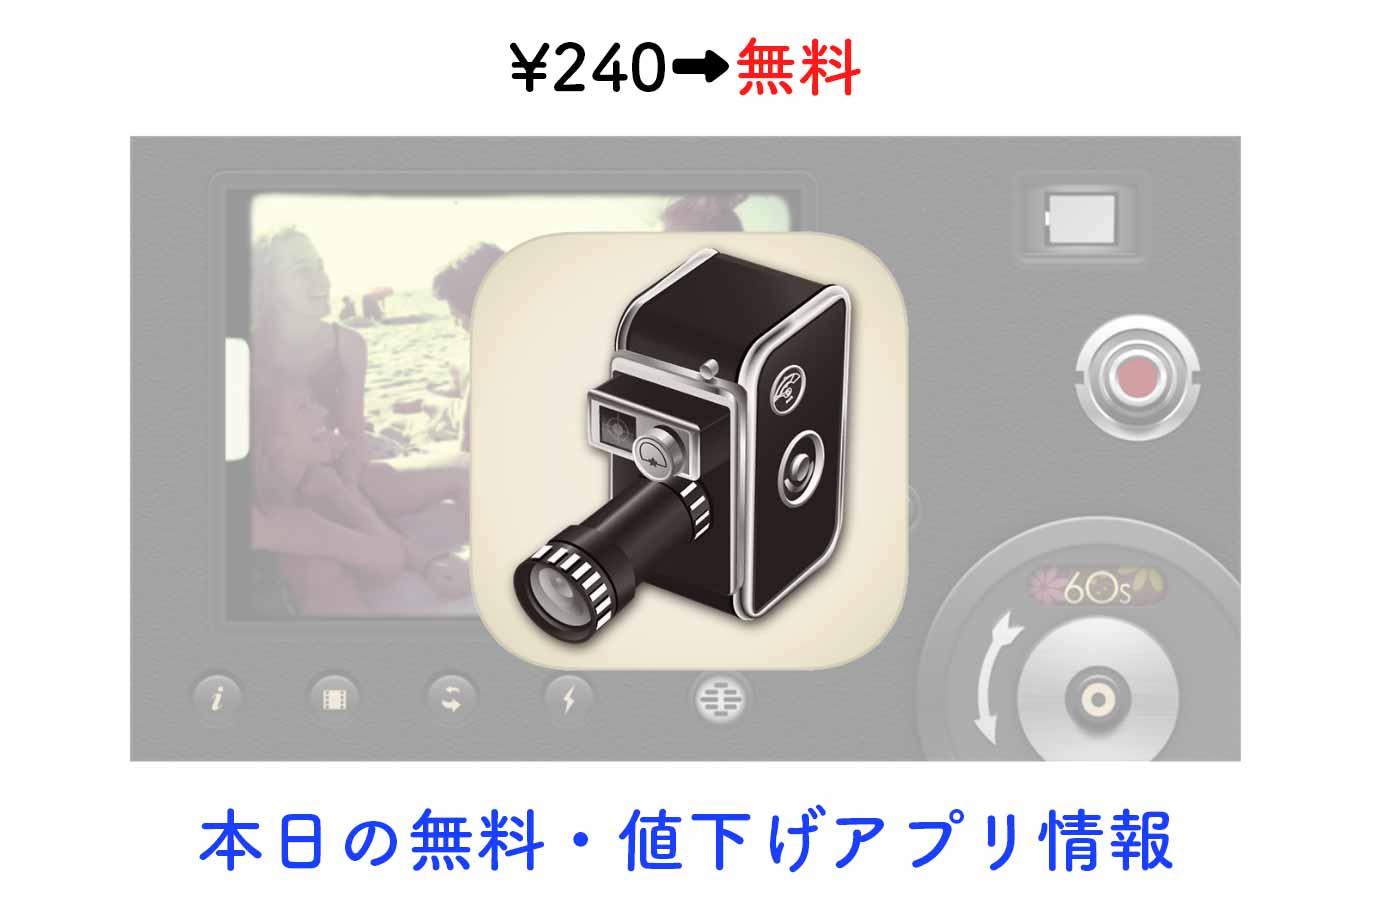 ¥240→無料、8ミリ映画のような動画が撮影できるカメラアプリ「8ミリカメラ」など【8/30】本日の無料・値下げアプリ情報